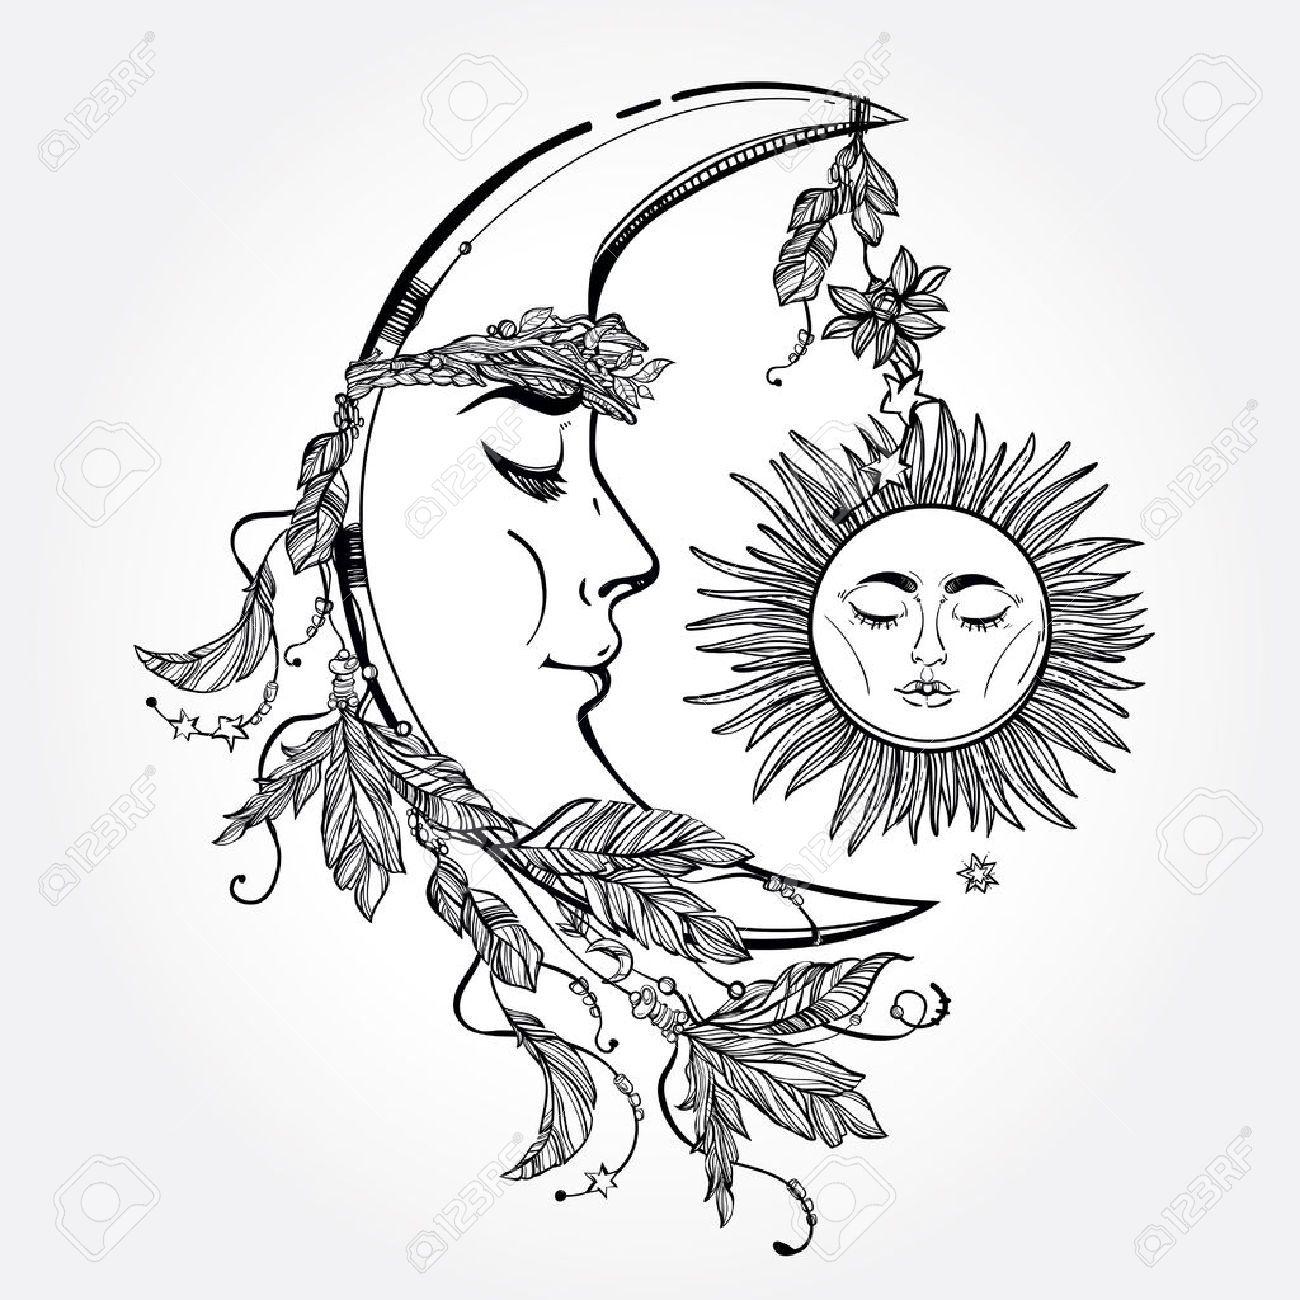 Risultati Immagini Per Disegni Sole E Luna Immagini Disegni Luna